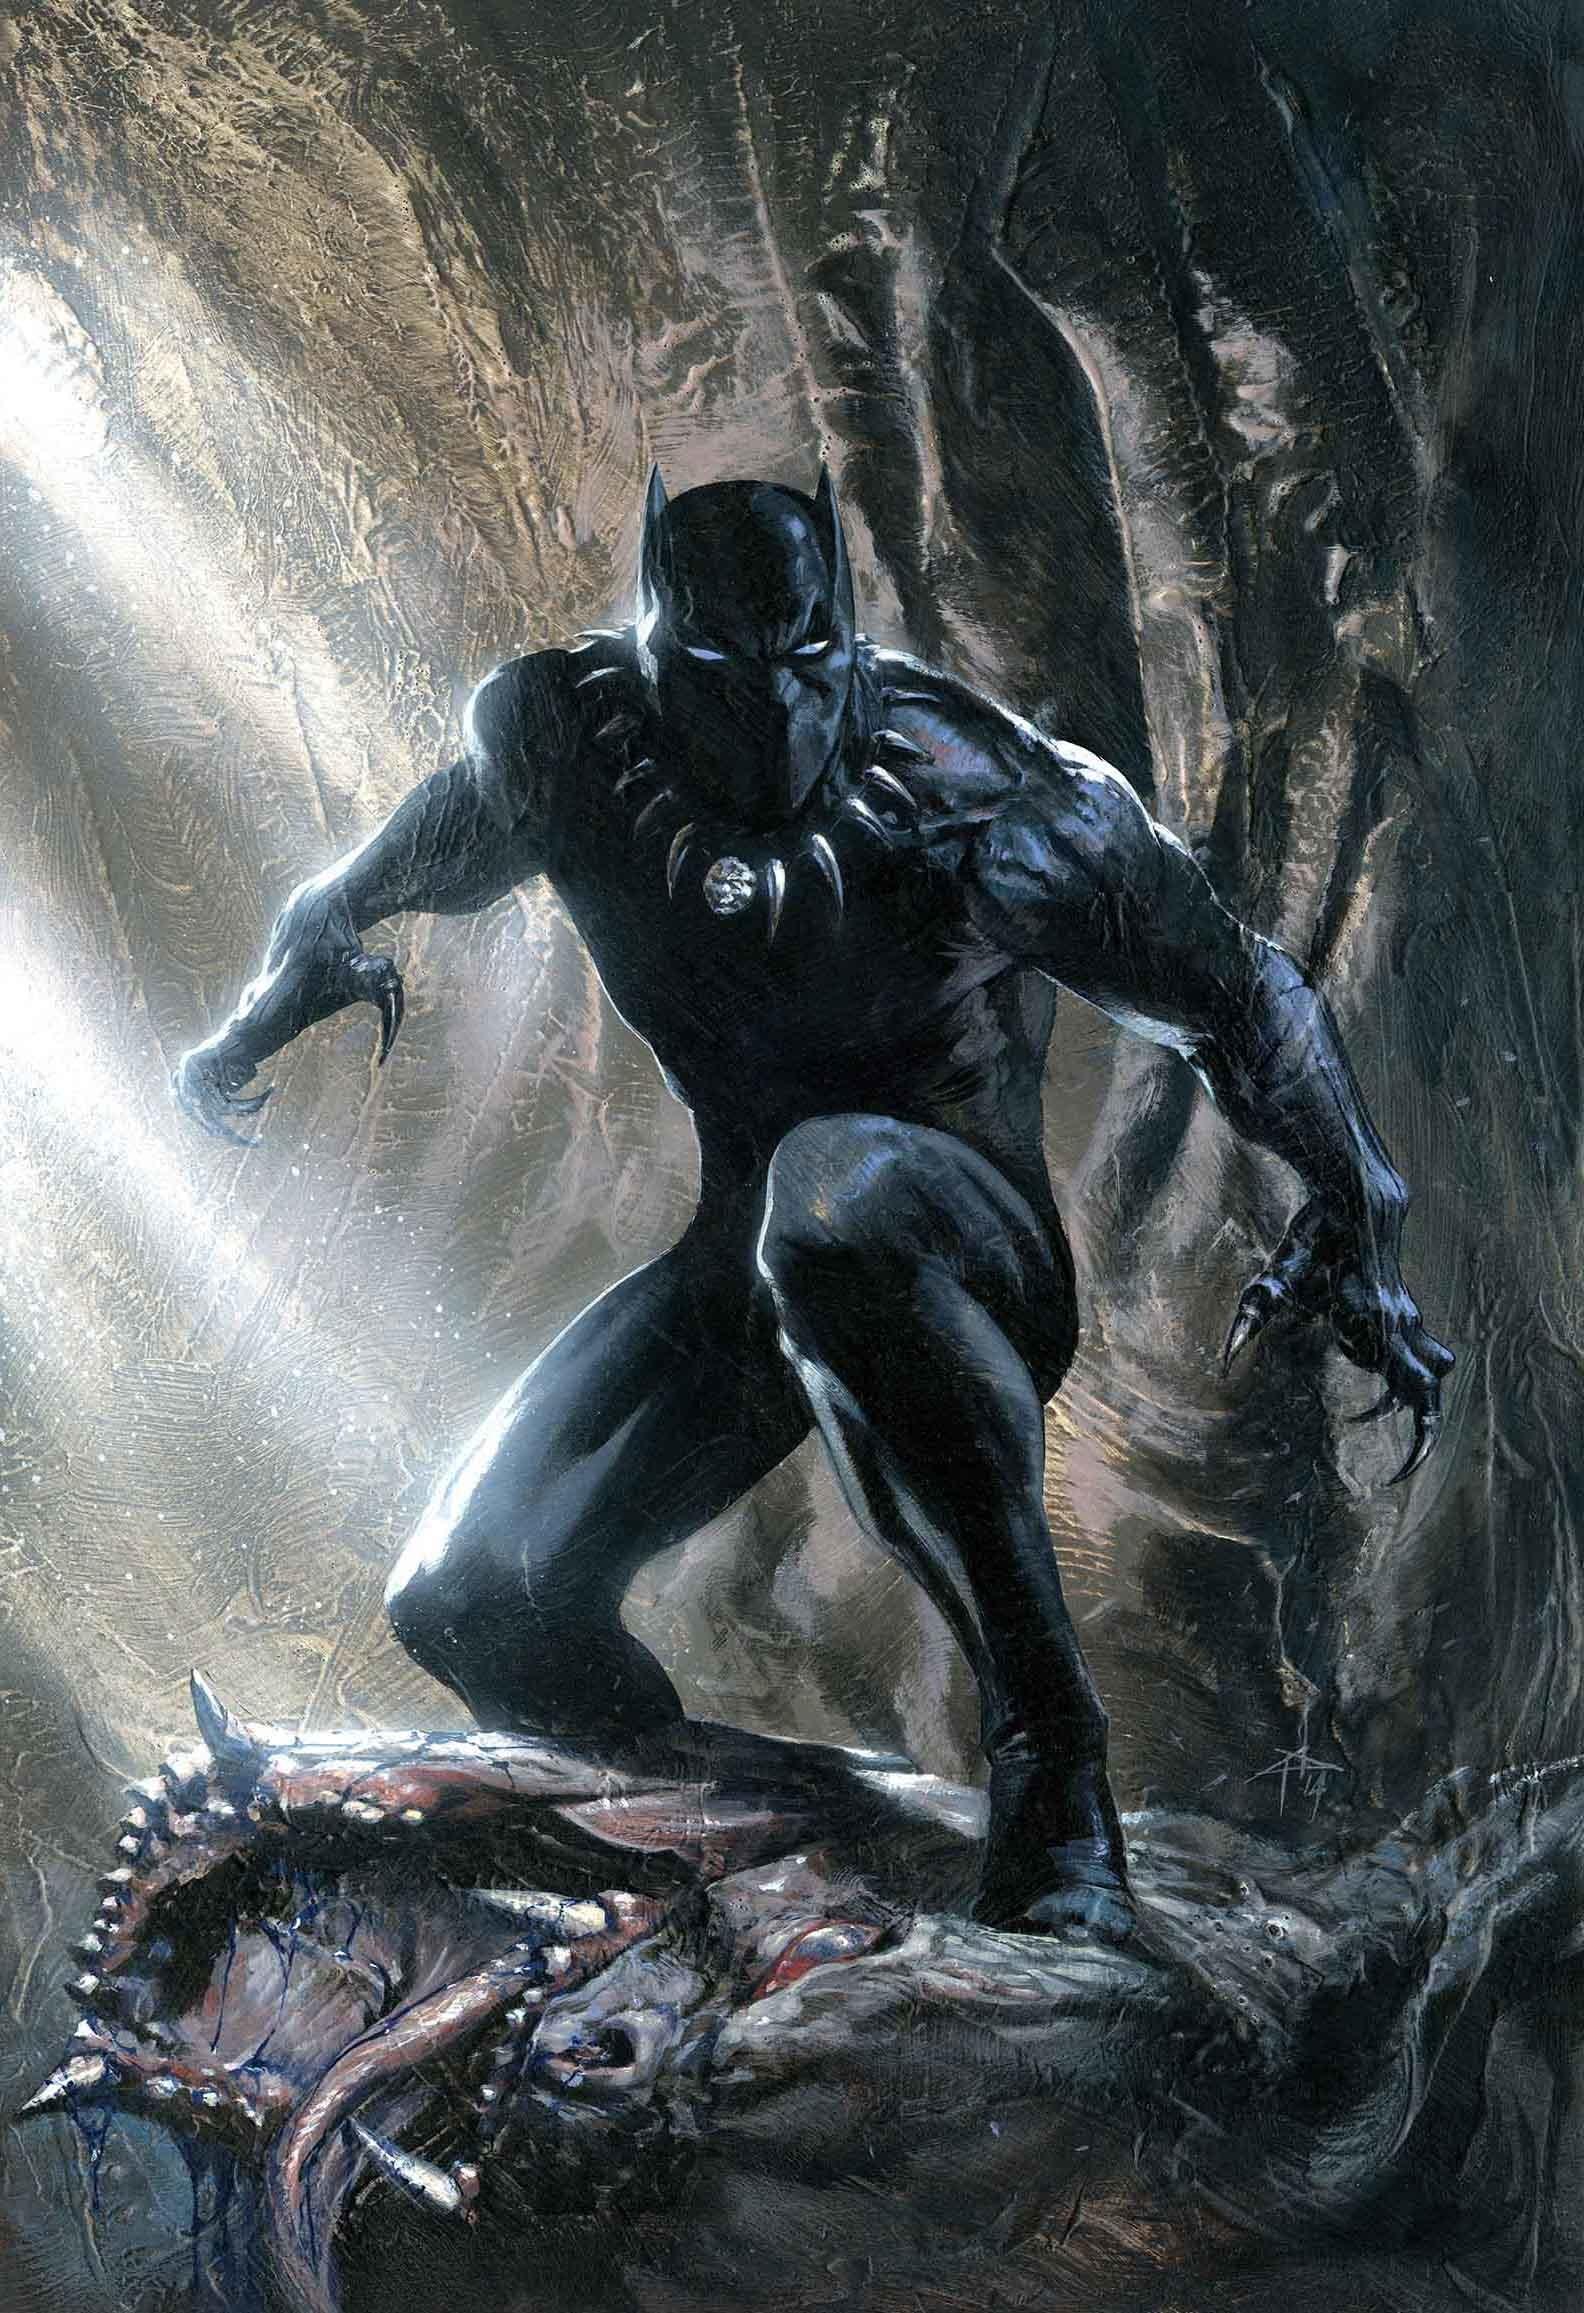 Black Panther Marvel Hd Wallpaper 73 Images